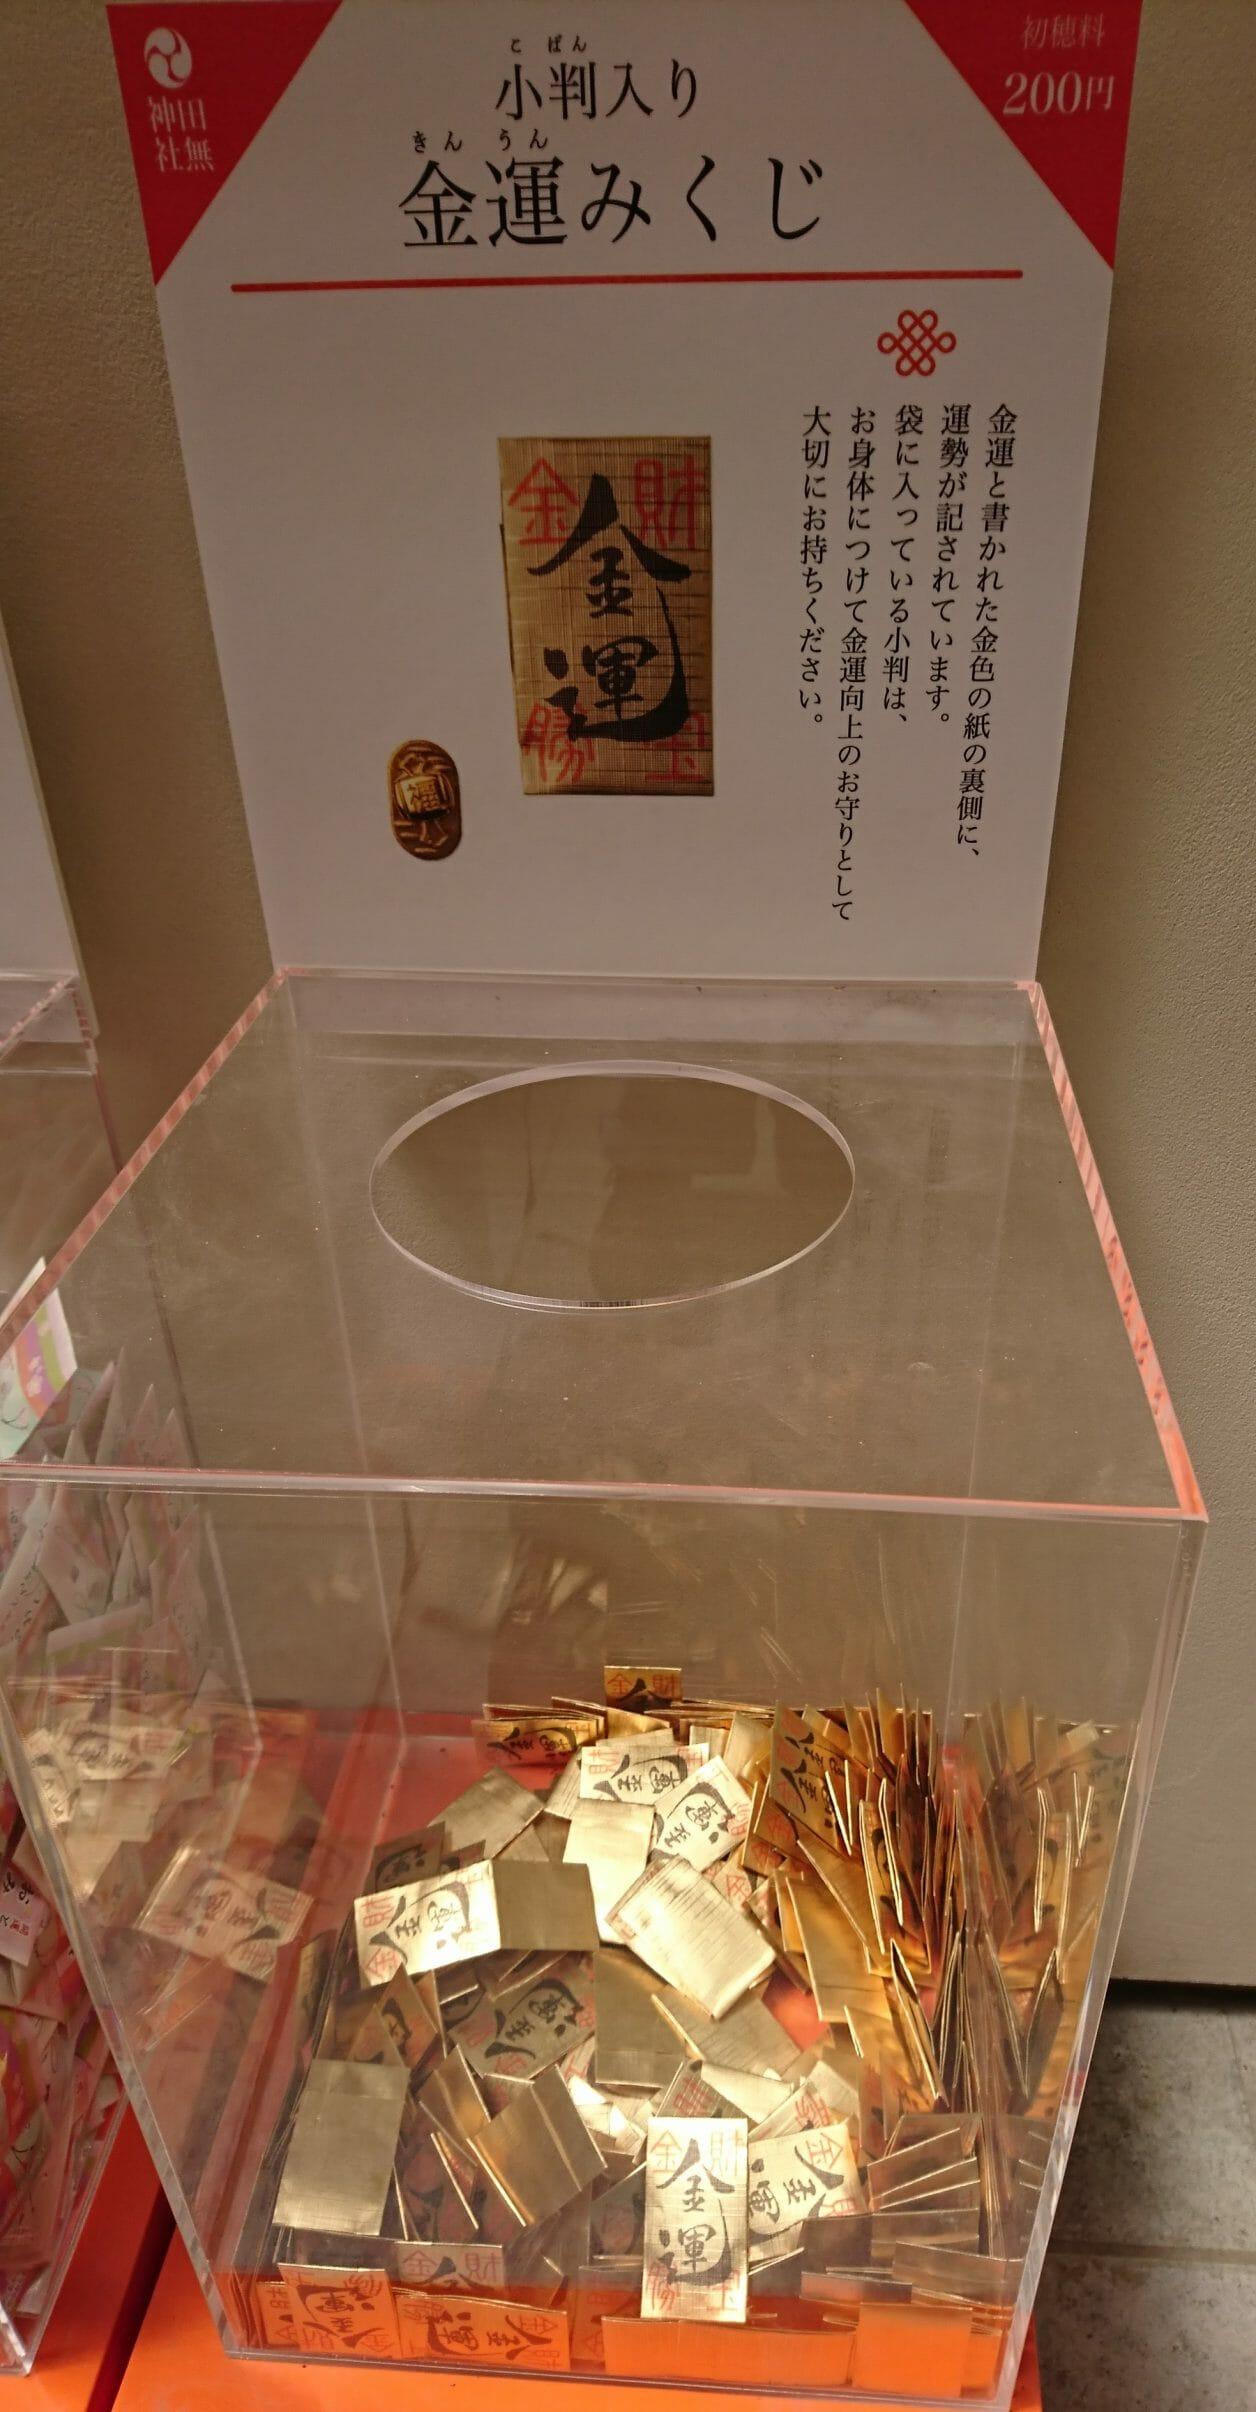 田無神社の小判入り金運みくじ